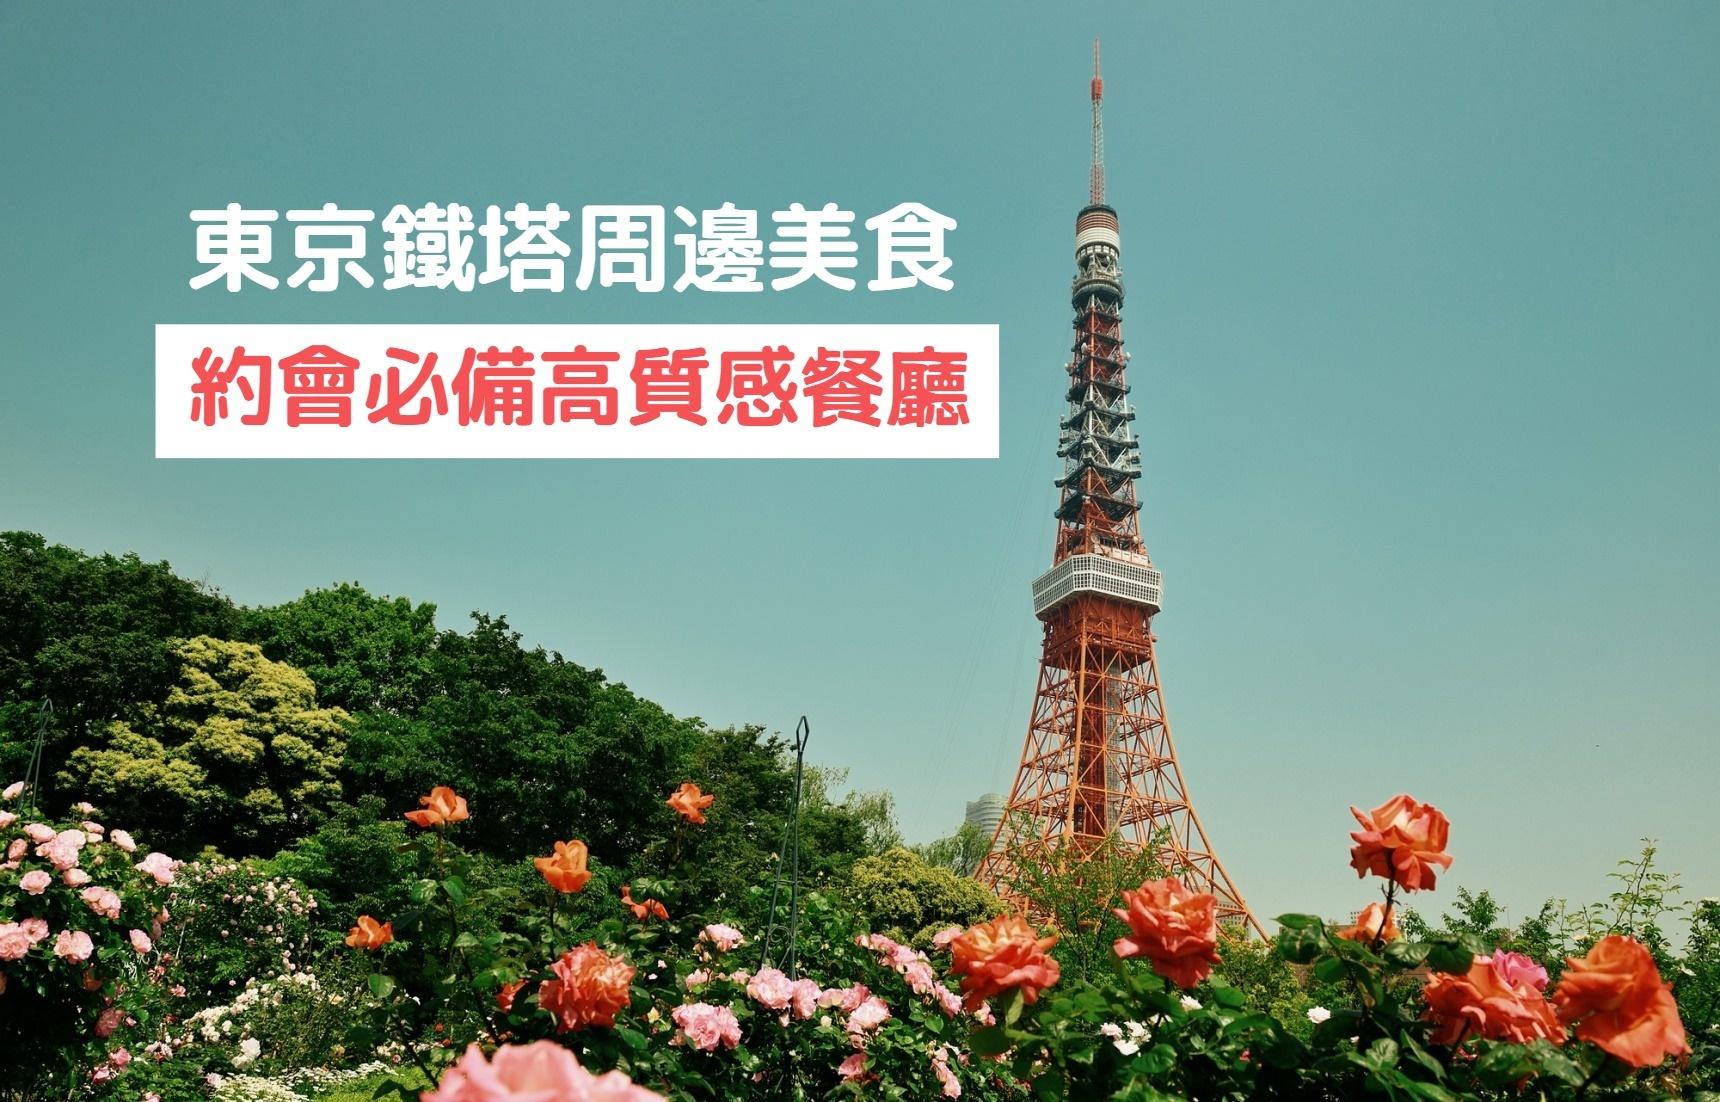 吃货党|到东京铁塔约会?错过这10间高质感餐厅你就前功尽弃了